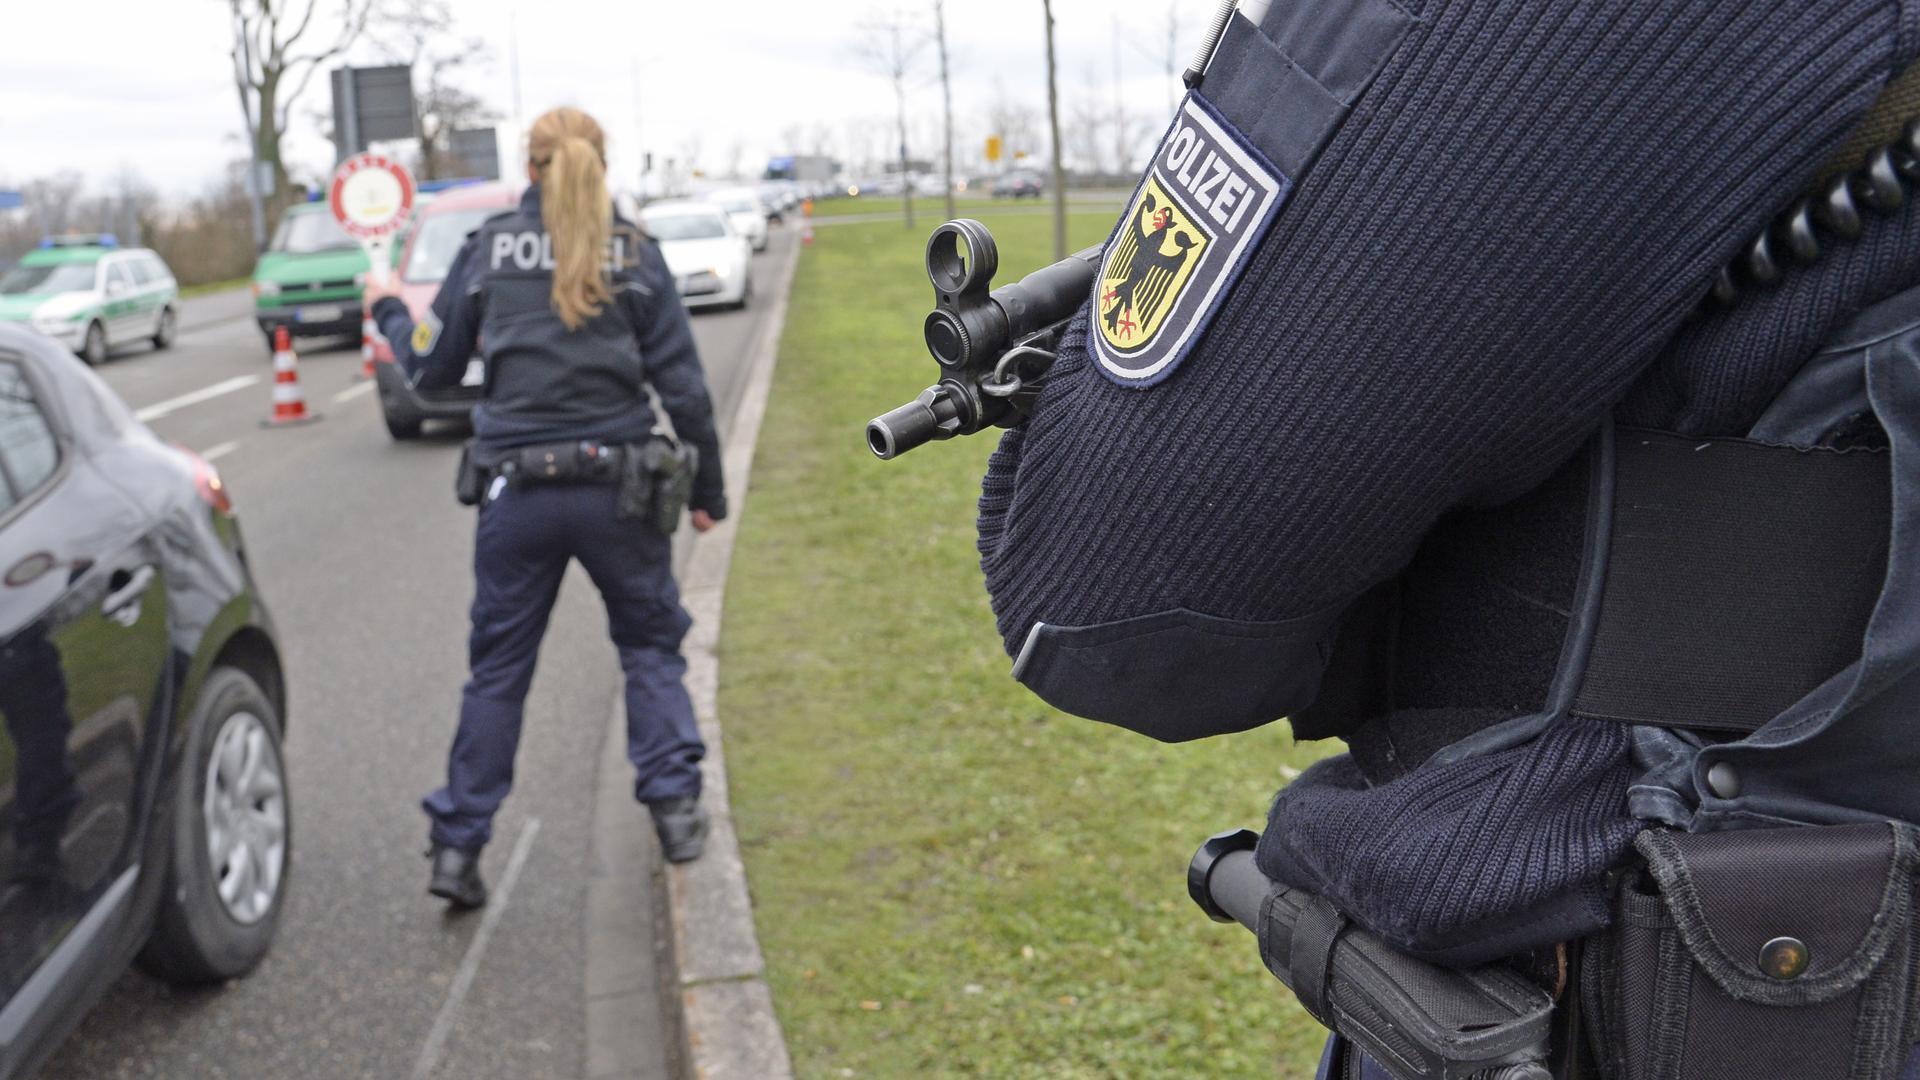 Besondere Grenzlage: Vor allem über die Europabrücke reisen Personen auch ohne gültiges Visum ein. Für diese Fälle wird automatisch ein Verfahren eingeleitet, weshalb in Kehl die Zahl der Verstöße gegen das Asylgesetz hoch ist.